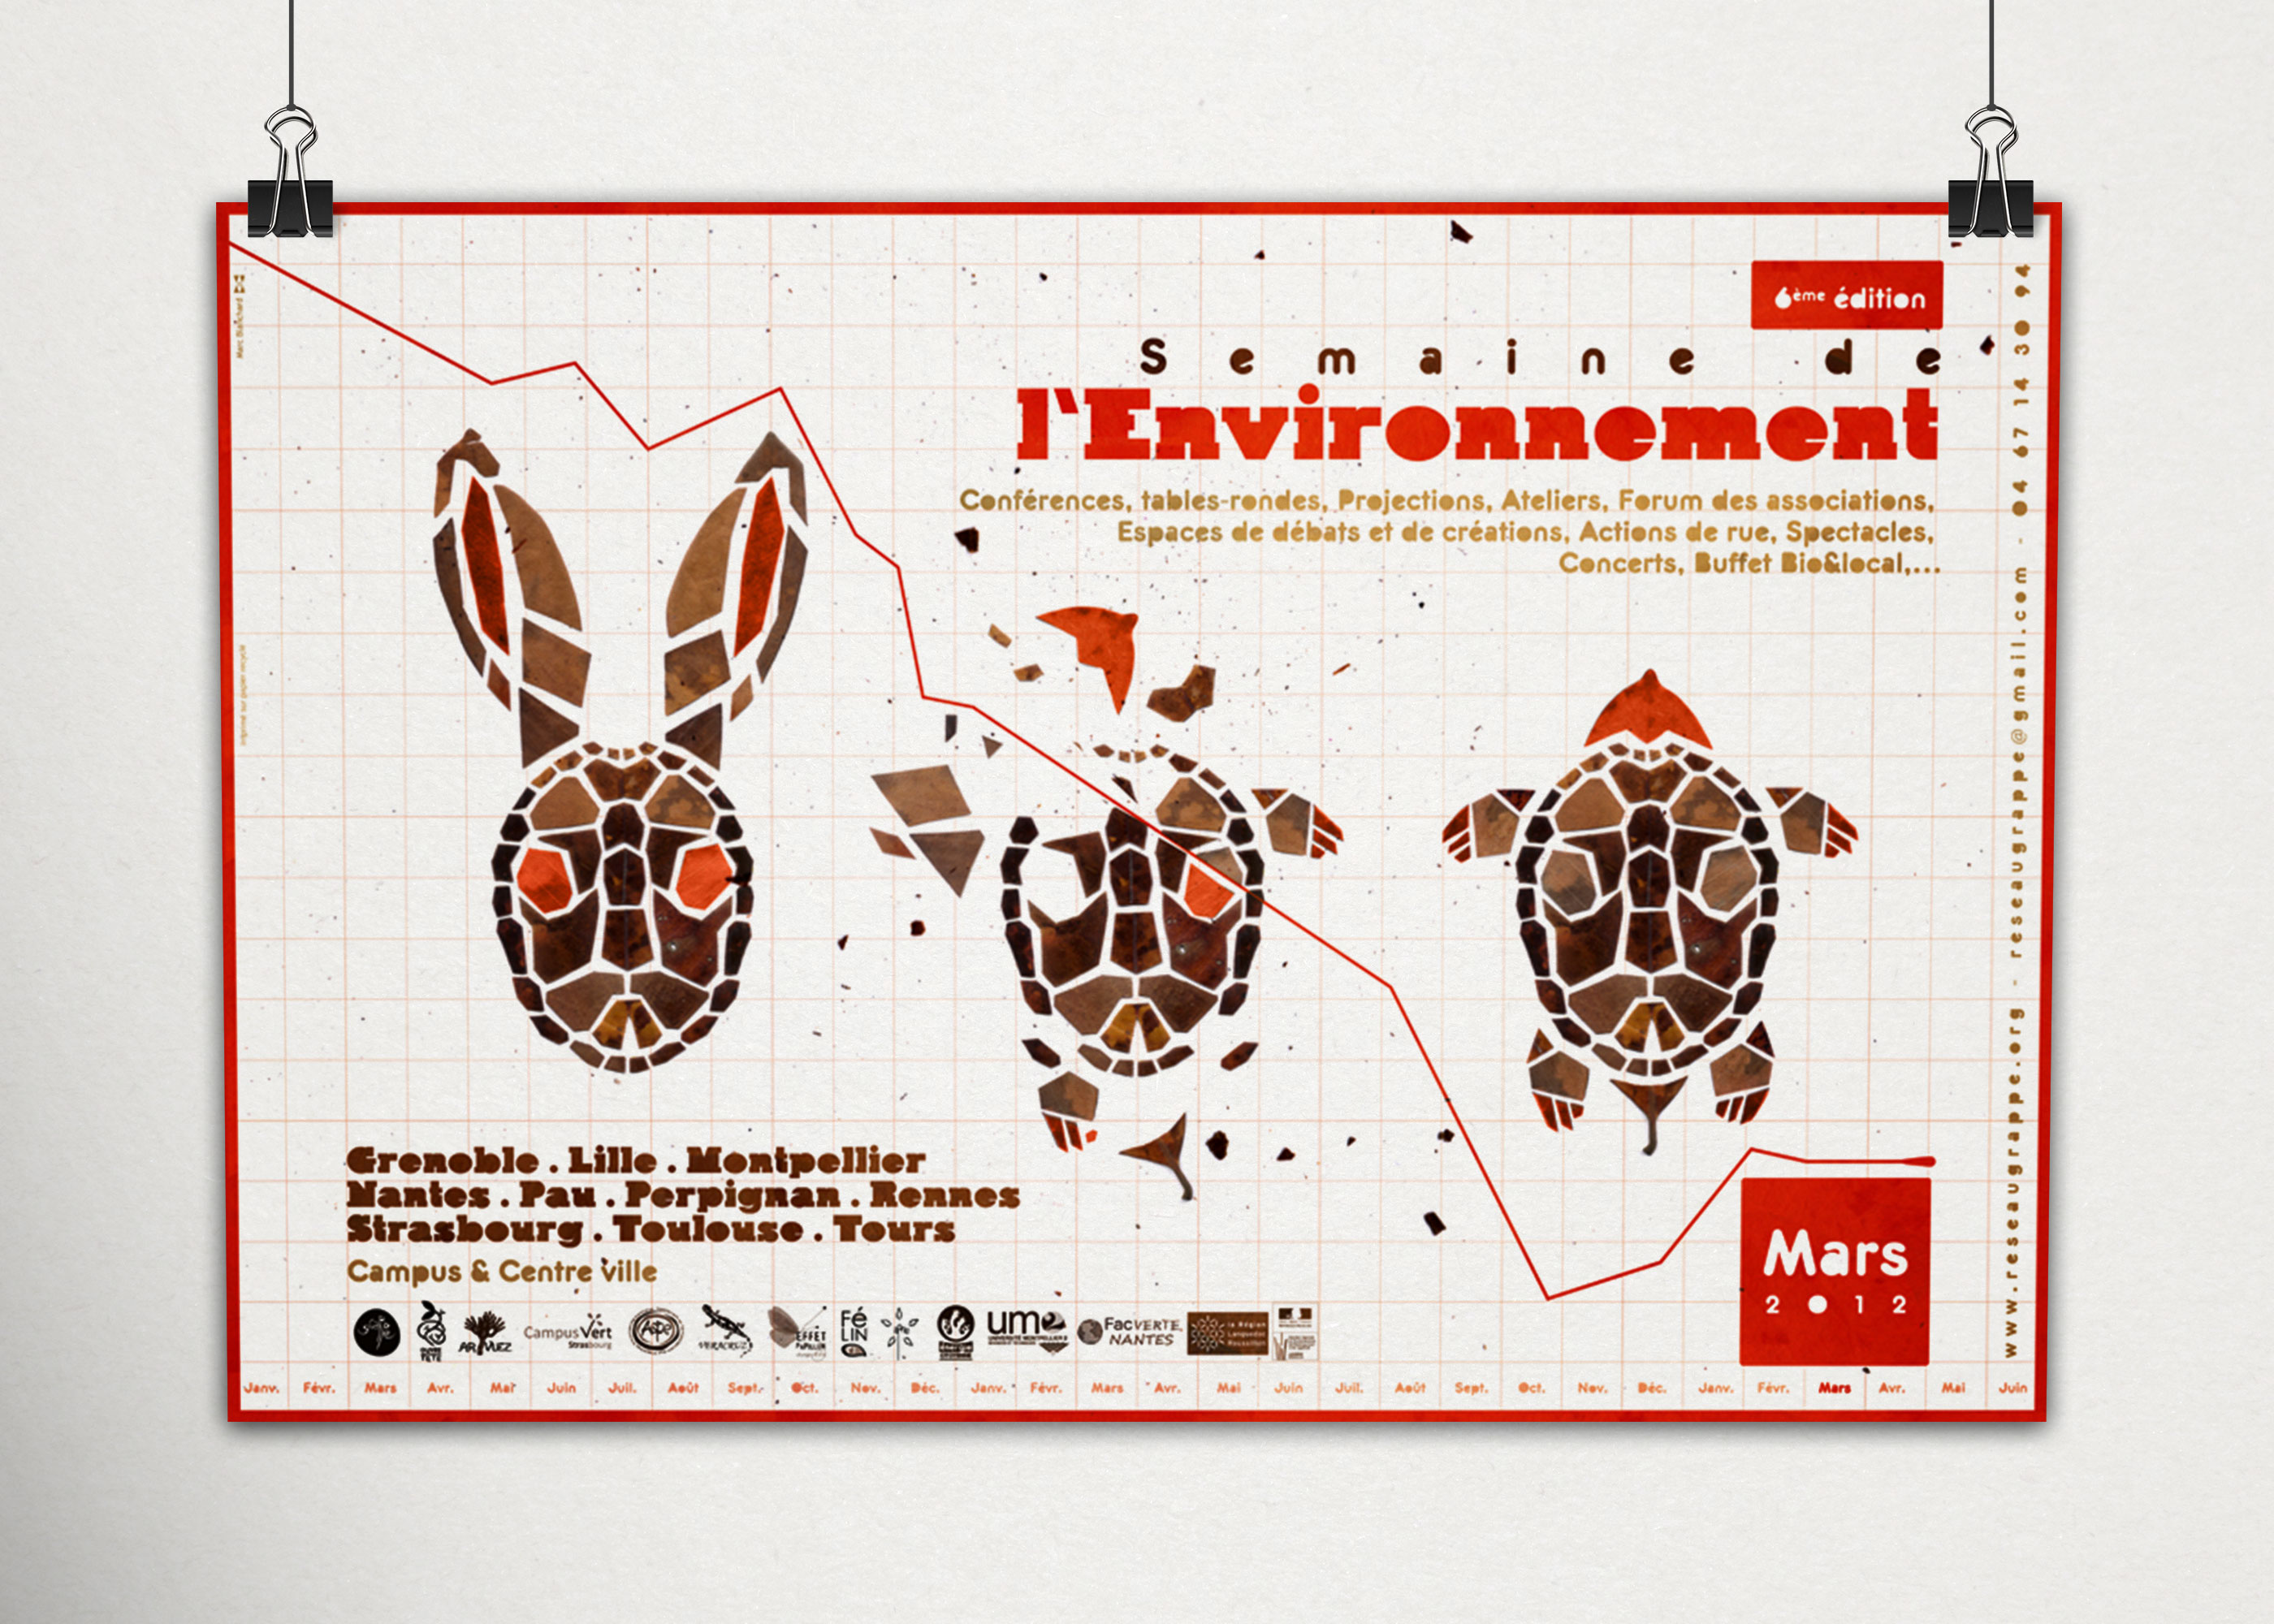 Semaine de l'environnement - Rennes Marc Blanchard Graphisme